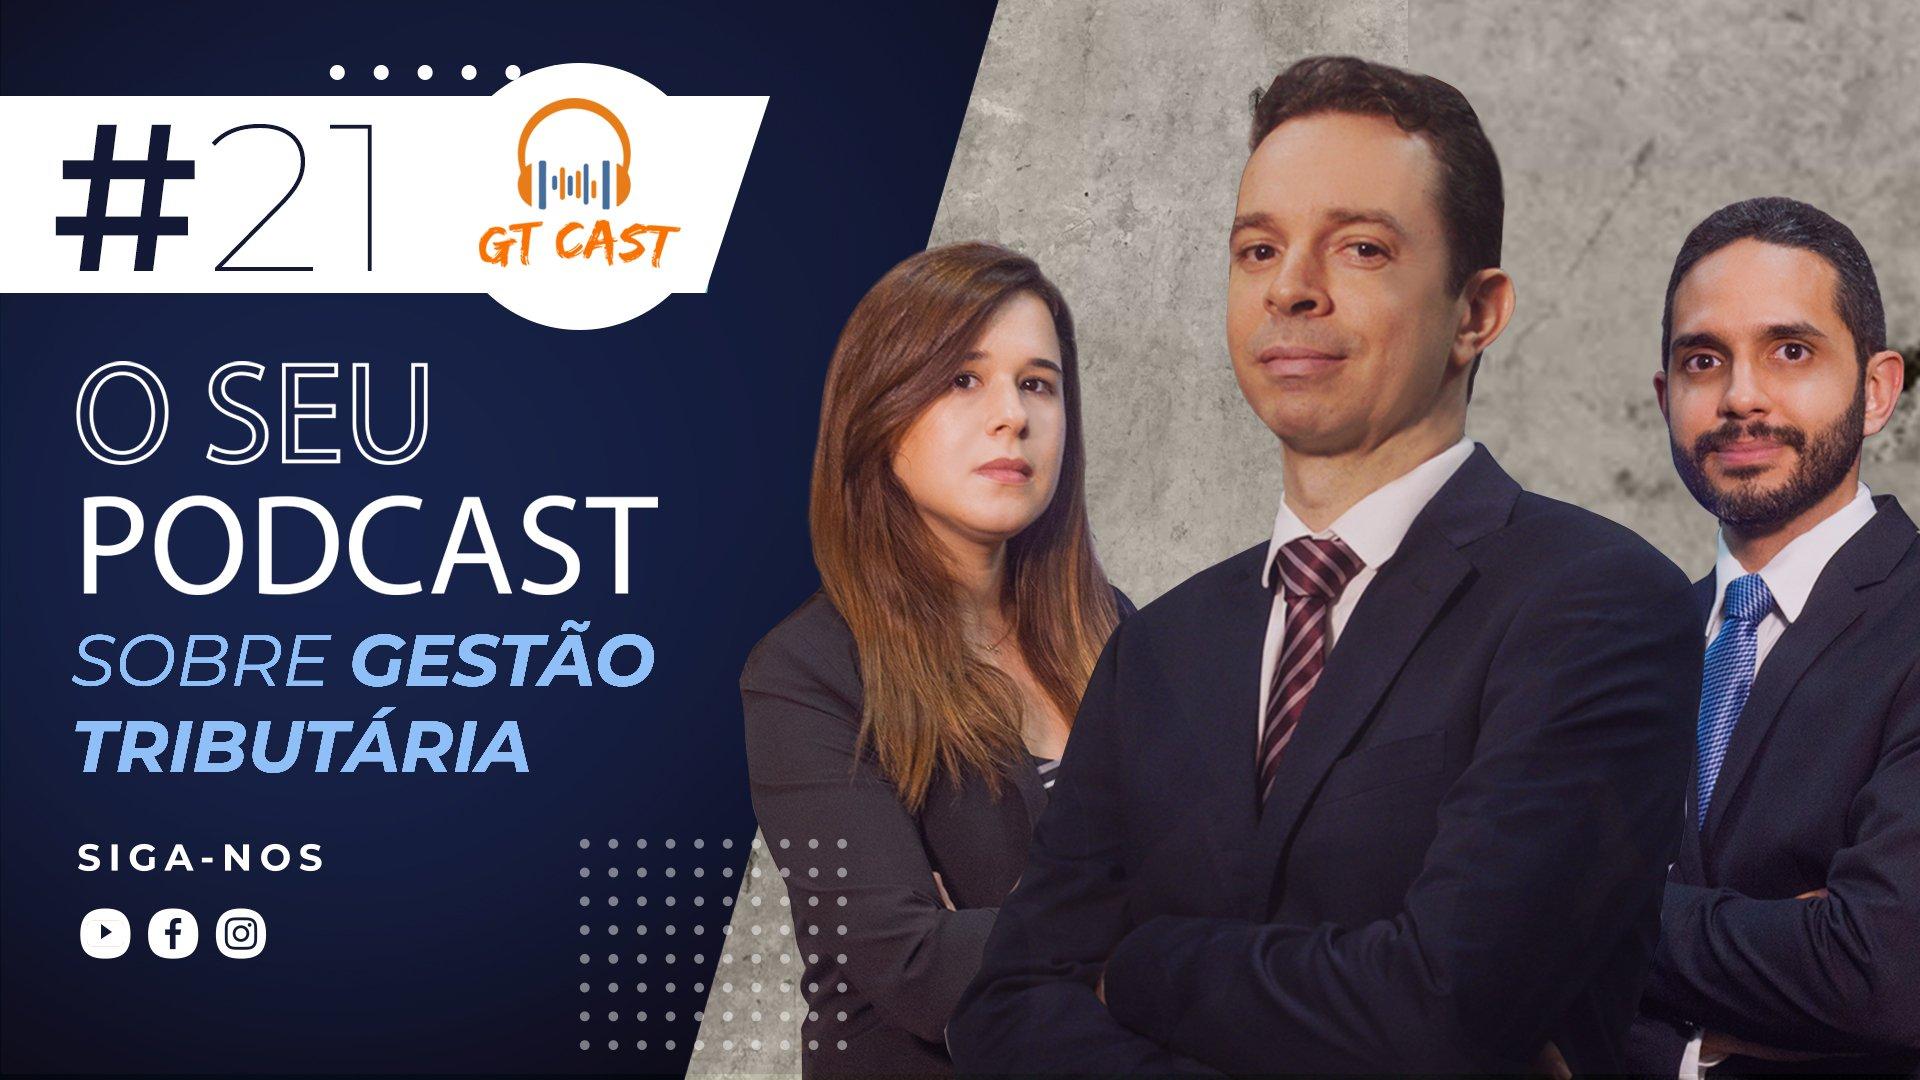 GTCAST-21-o-seu-podcast-sobre-gestao-tributaria